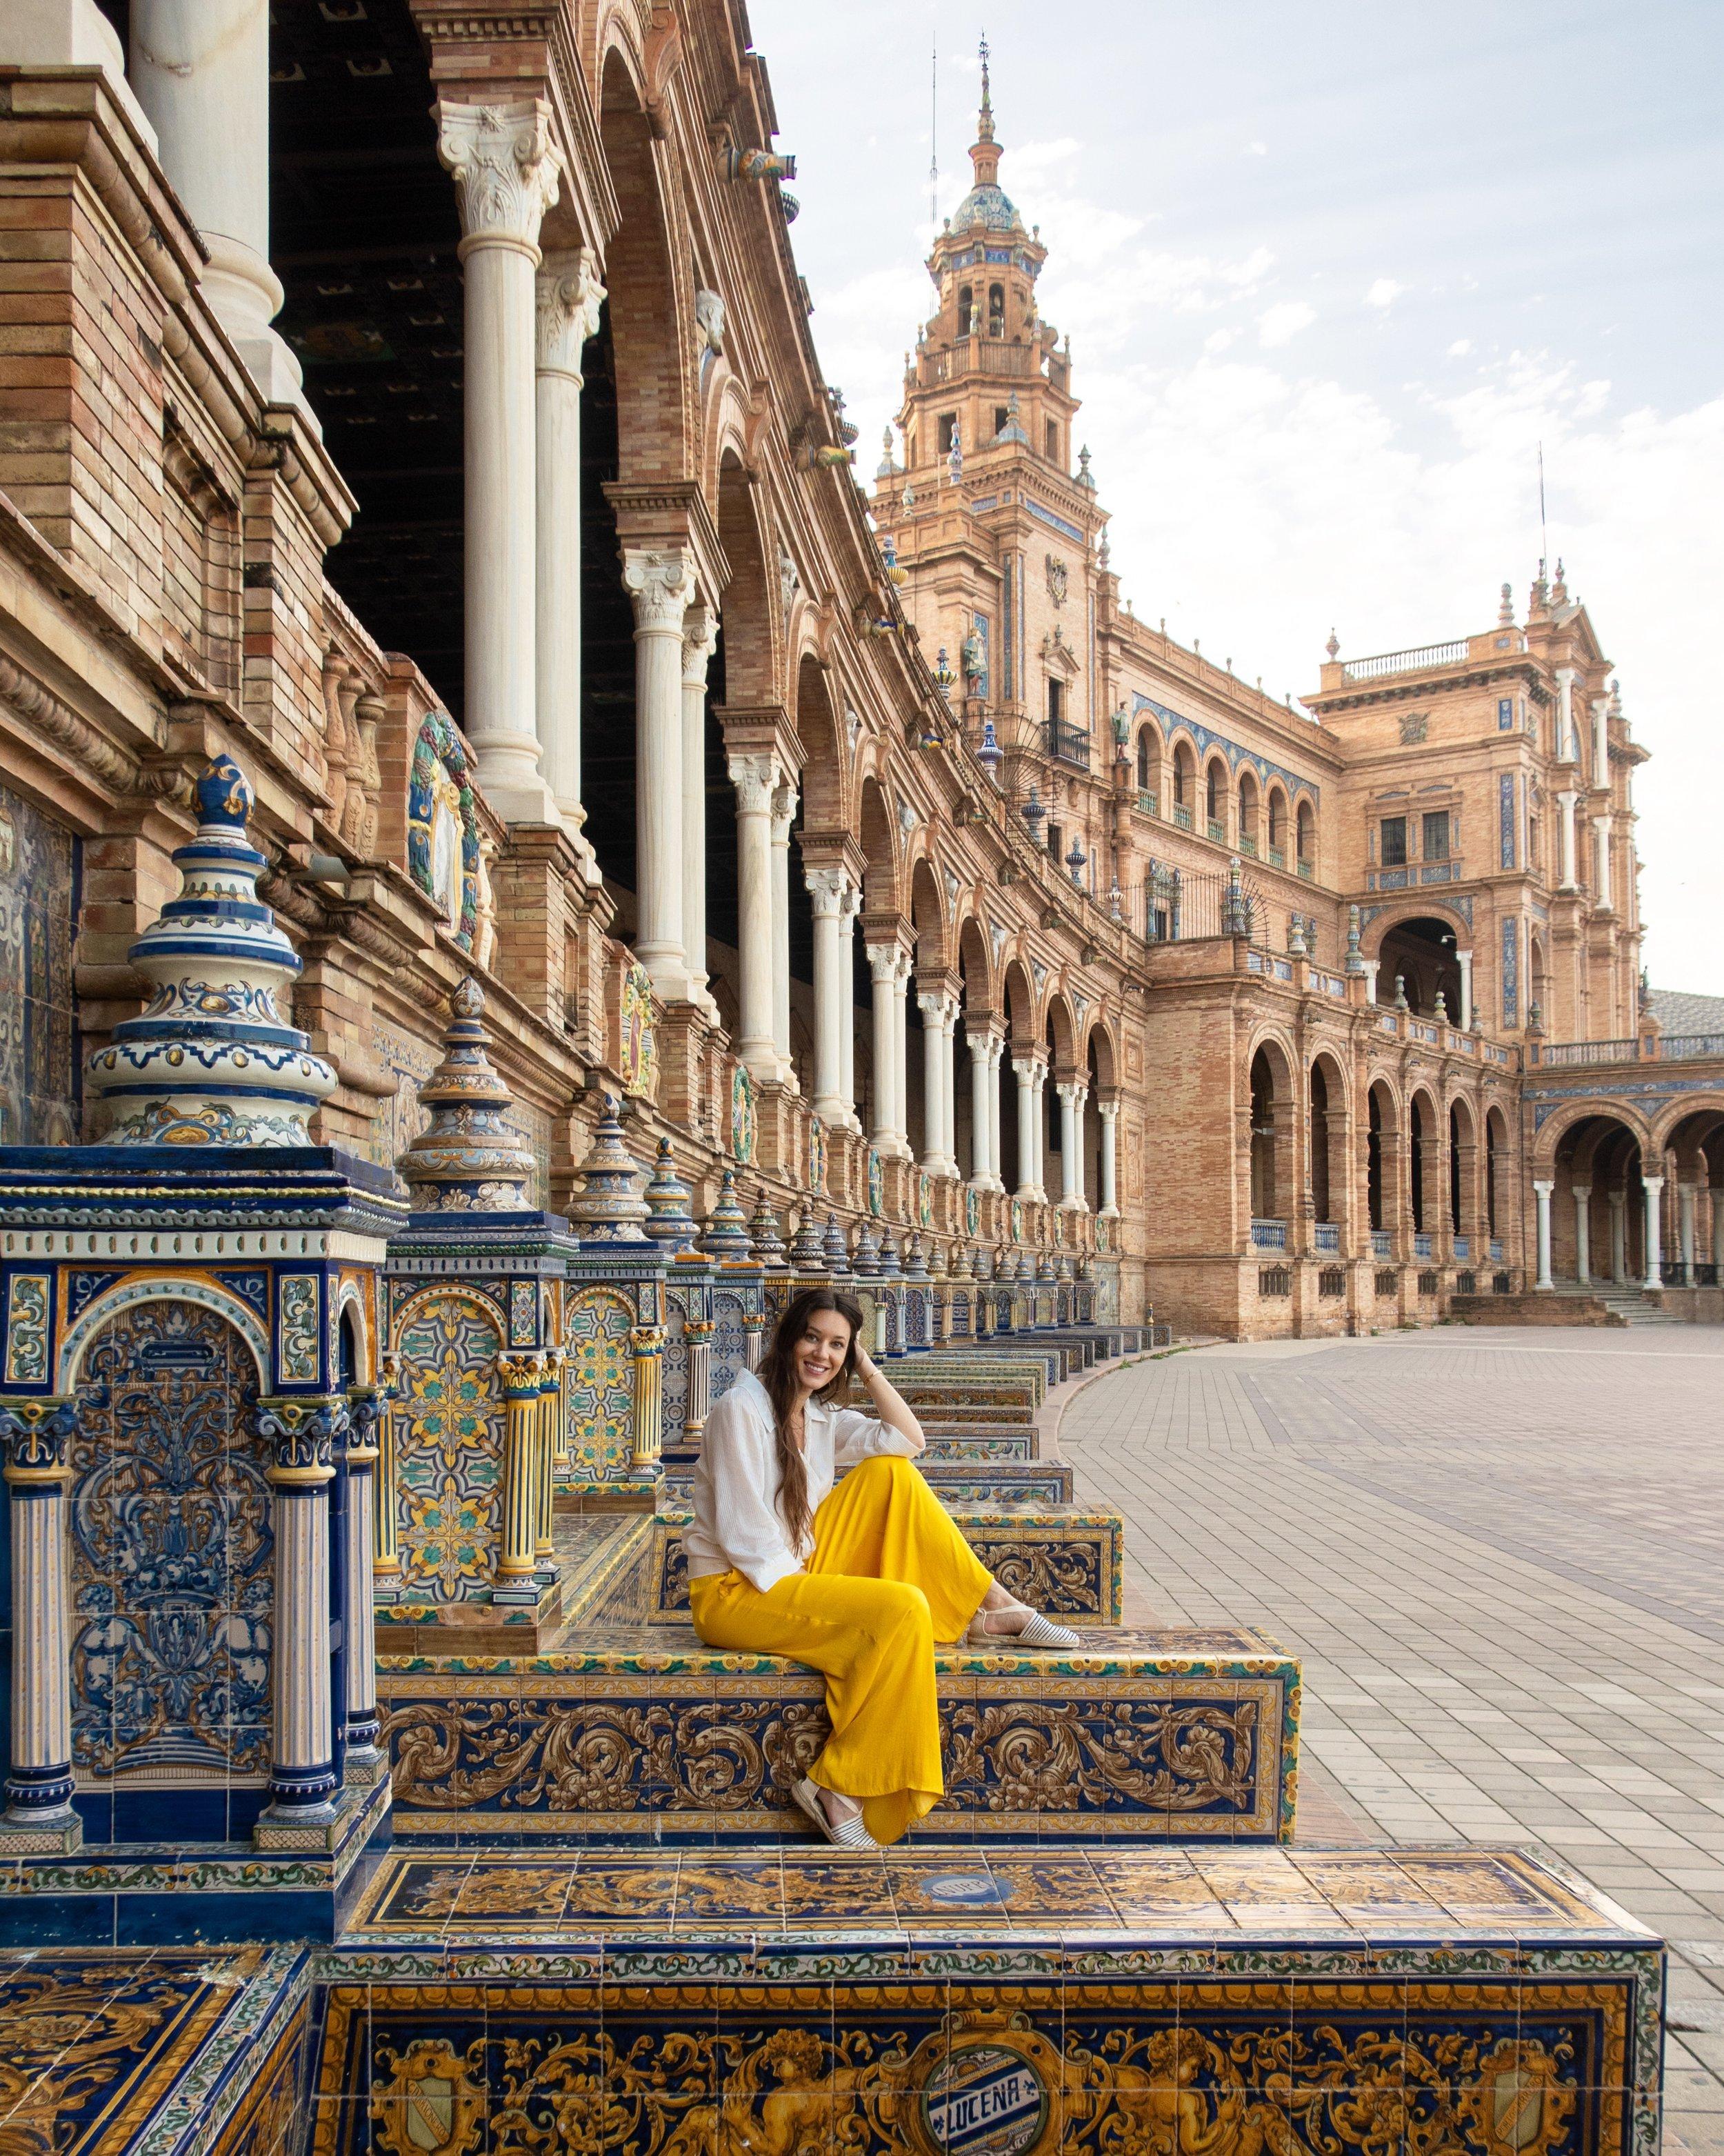 The Plaza de España in Sevilla, Spain